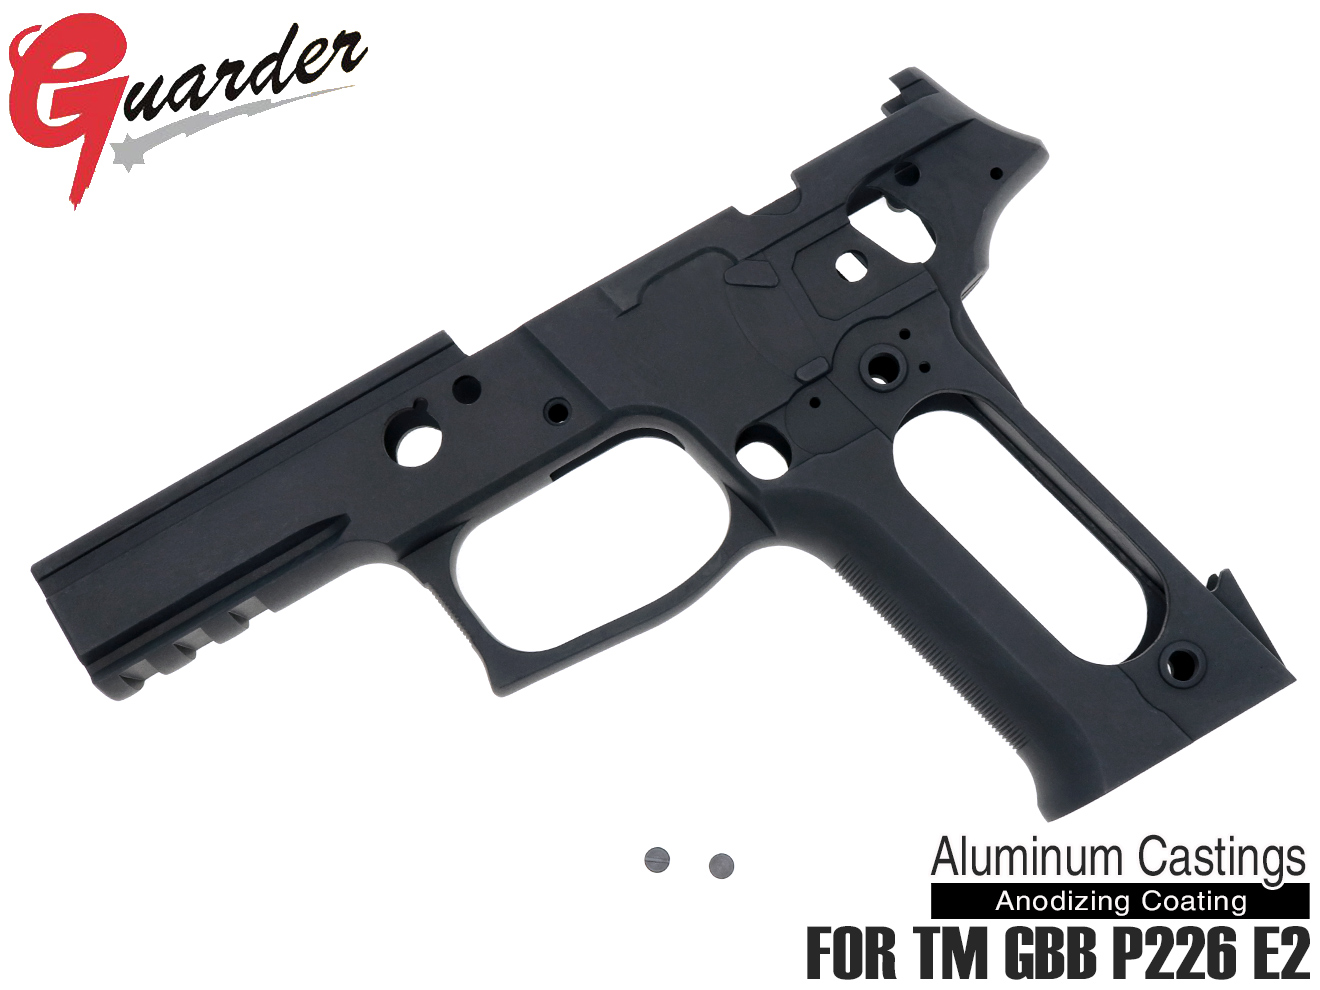 P226-64(BK)■GUARDER P226 E2 フレームKIT E2 Marking マルイ P226 E2用 ◆BK マルイ ガスブロ P226 E2対応 E2マーキング リアル刻印入り シグ ザウエル